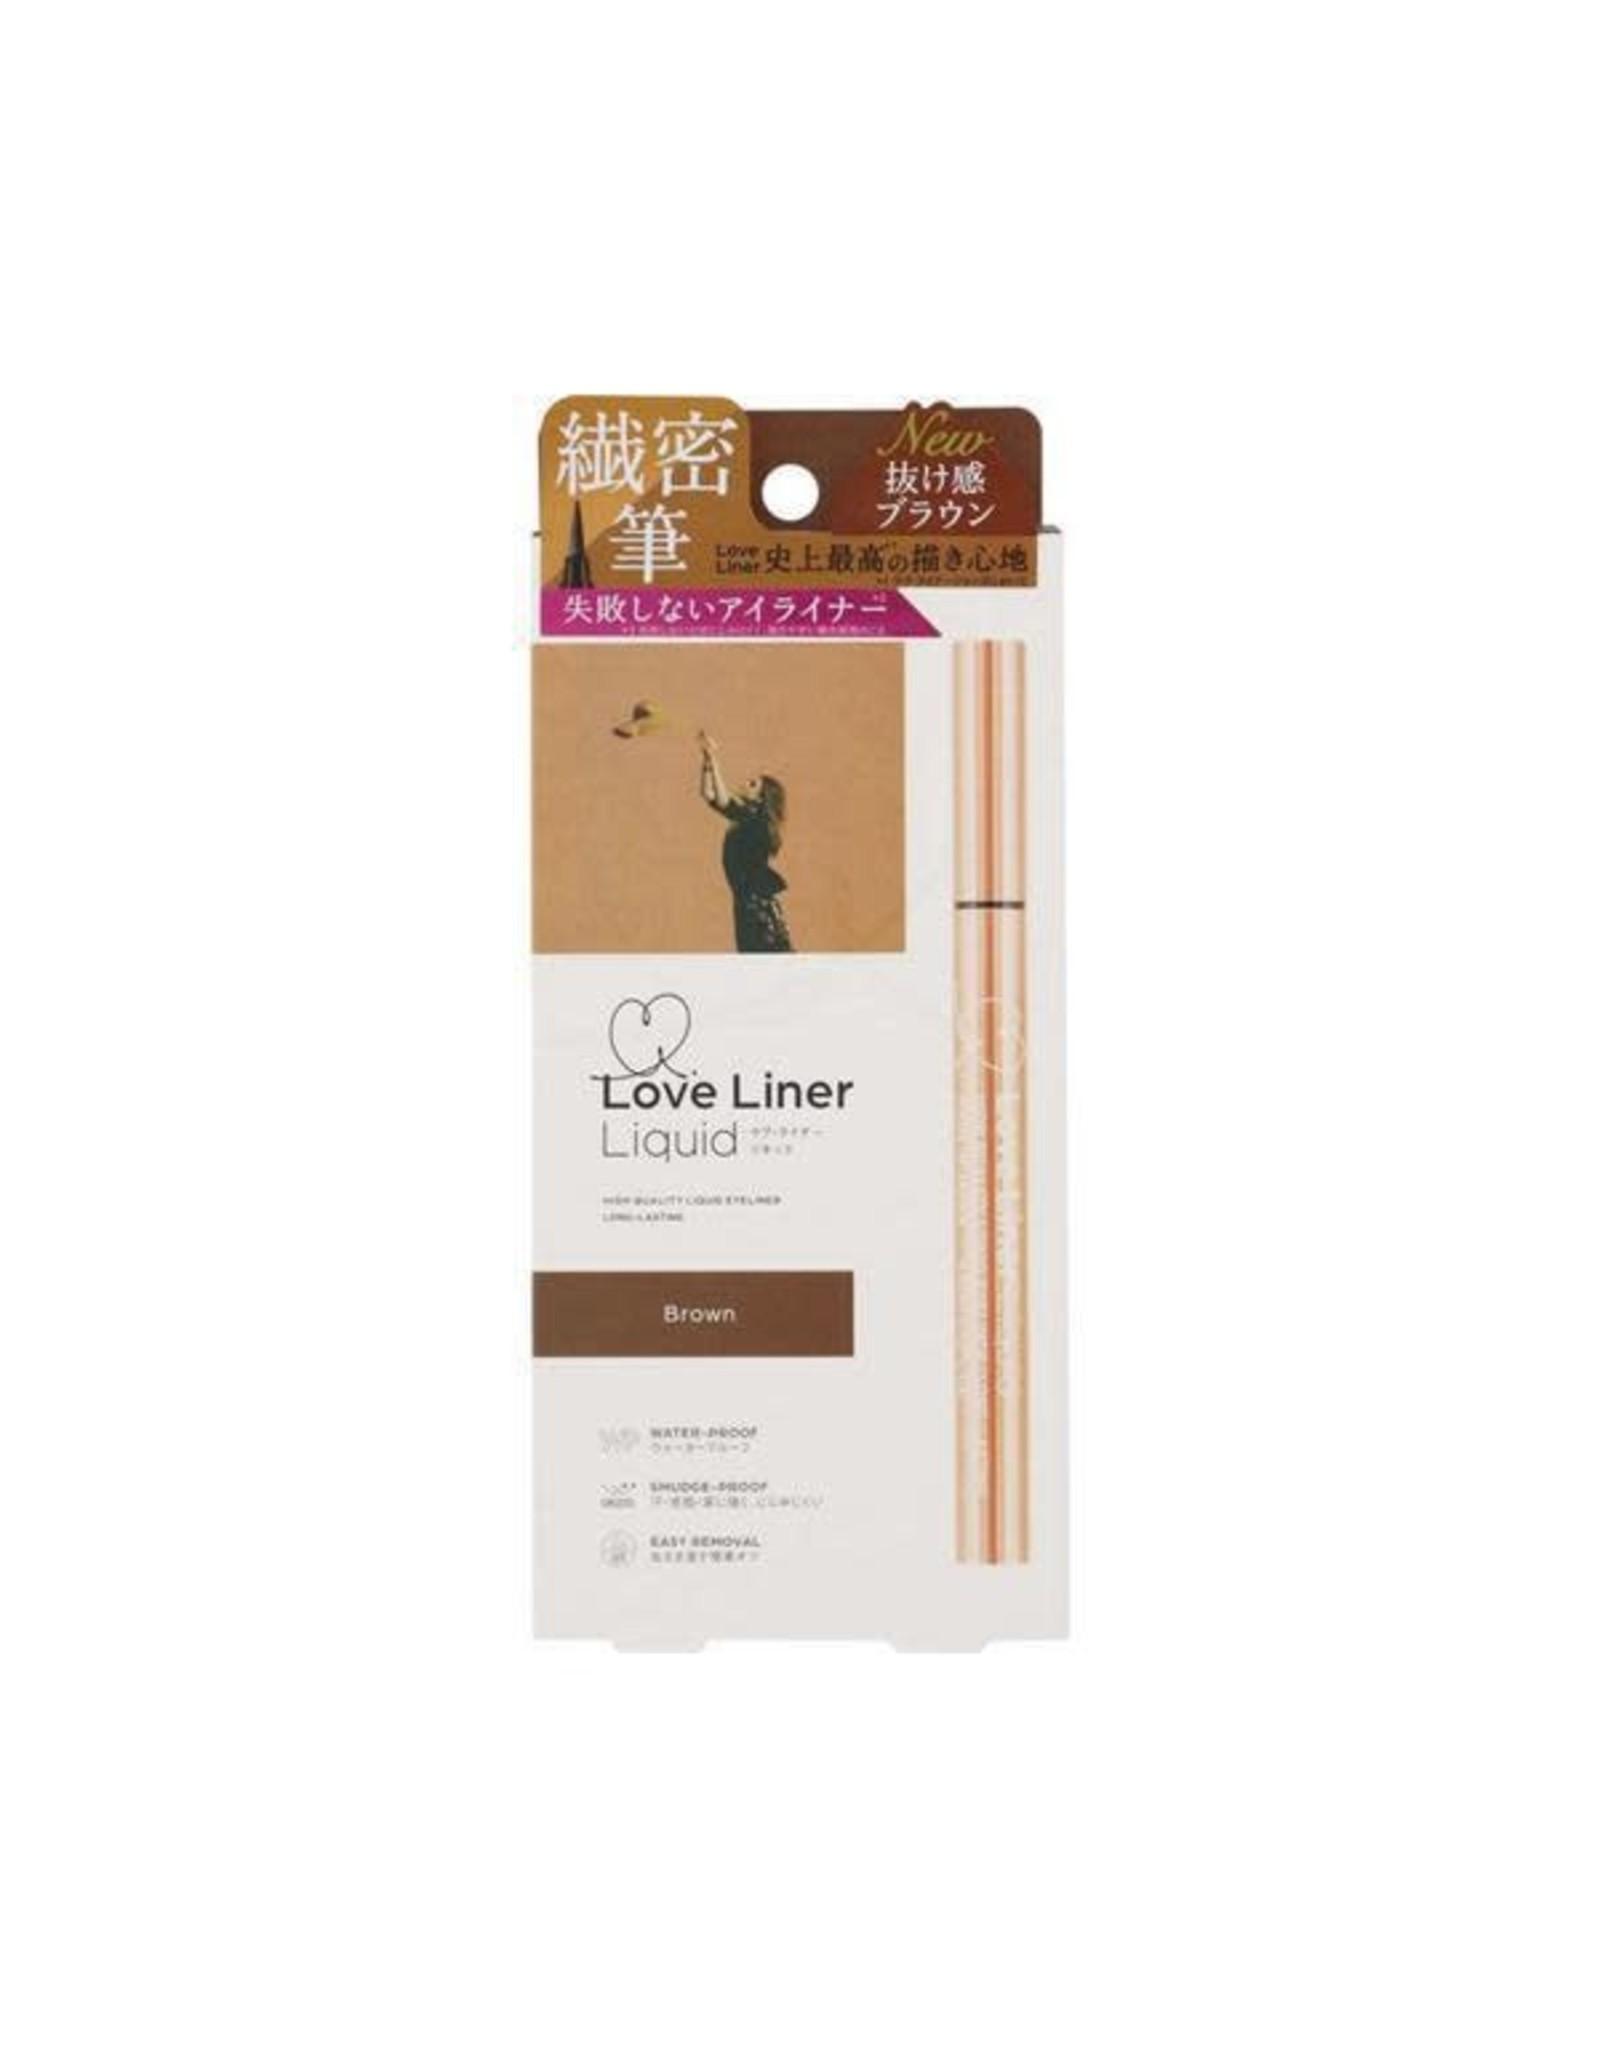 Love Liner Love Liner Liquid Eyeliner